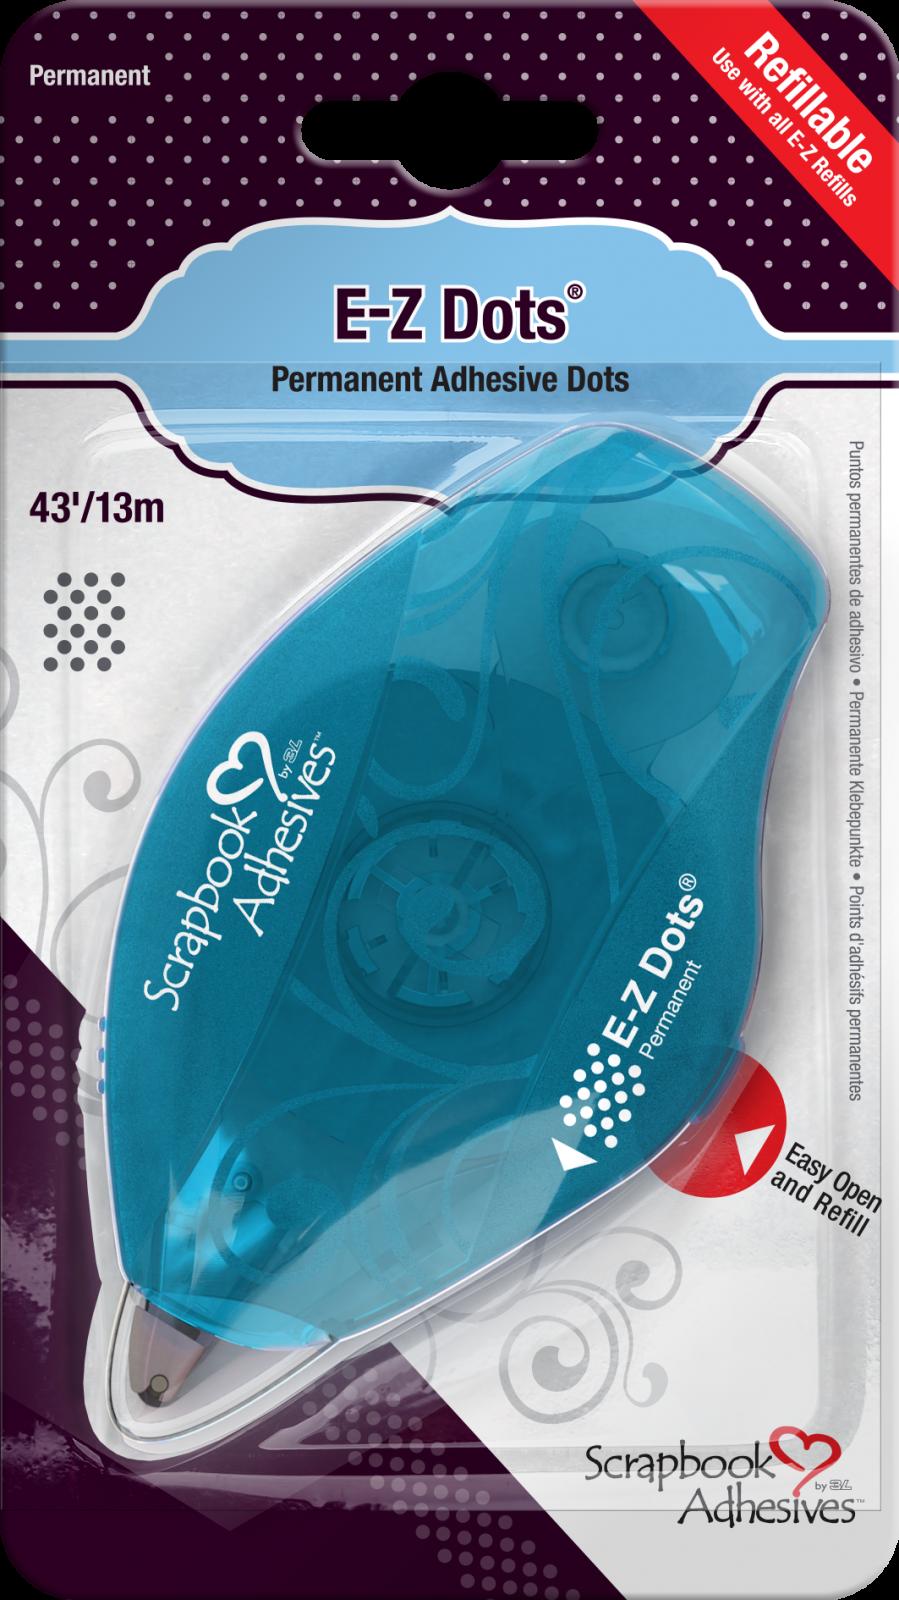 ^Scrapbook Adhesives - E-Z Dots Runner 39' (12m)